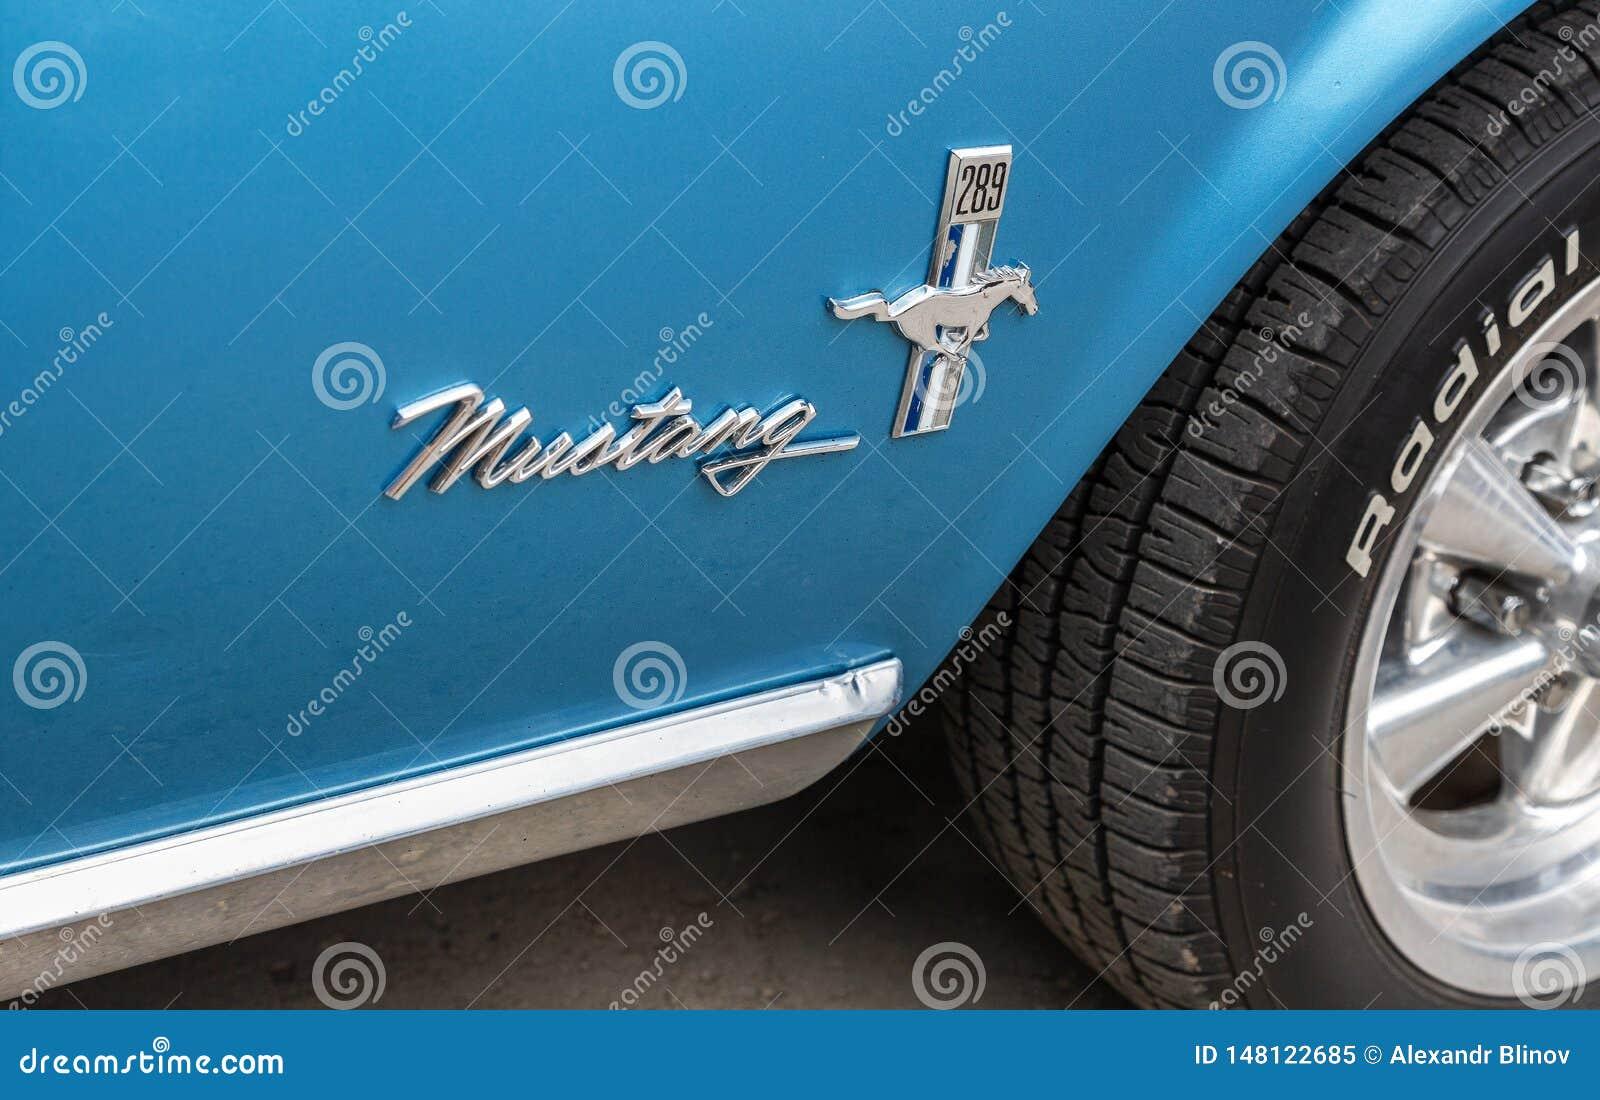 Emblem på den retro bilen Ford Mustang